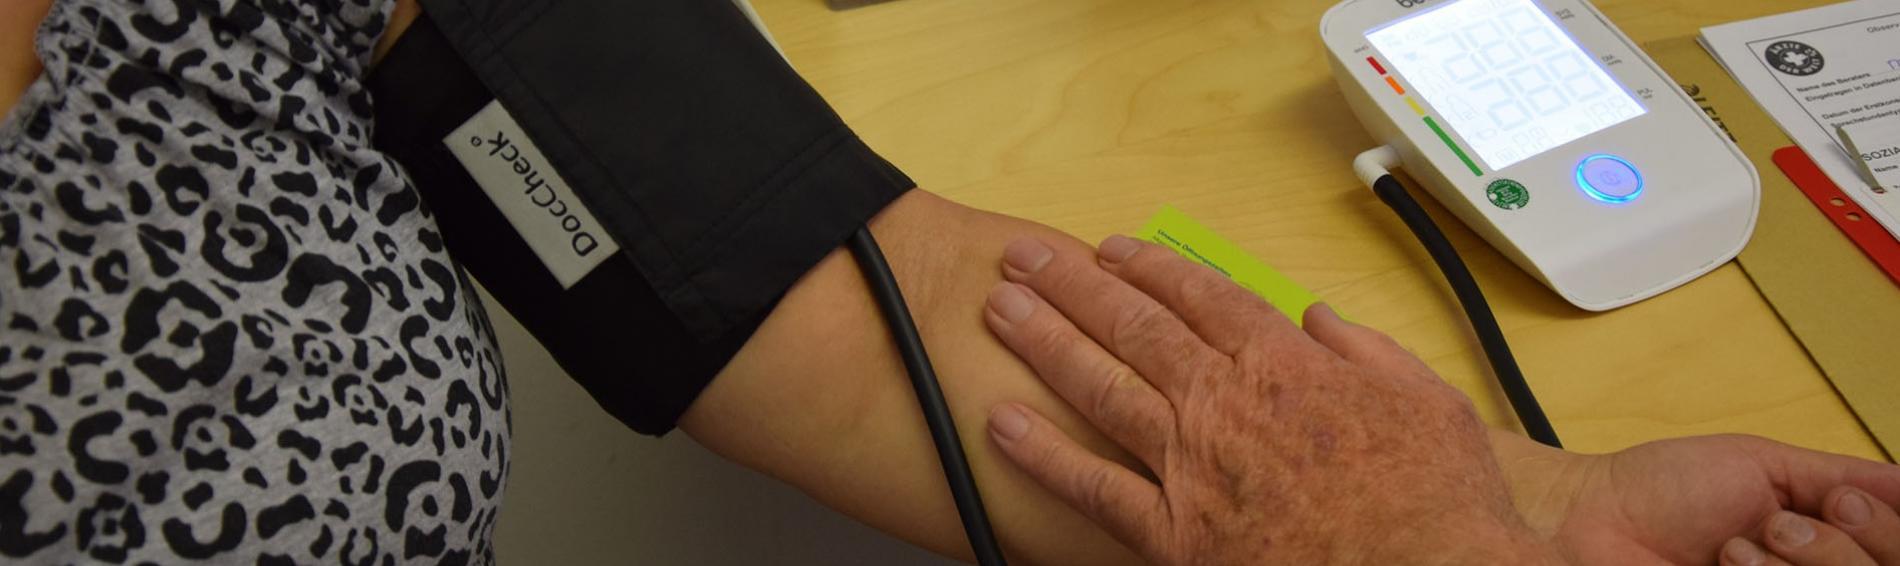 Menschen ohne Papiere haben oft Schwierigkeiten, bei Notfällen im Krankenhaus behandelt zu werden. Foto: Ärzte der Welt